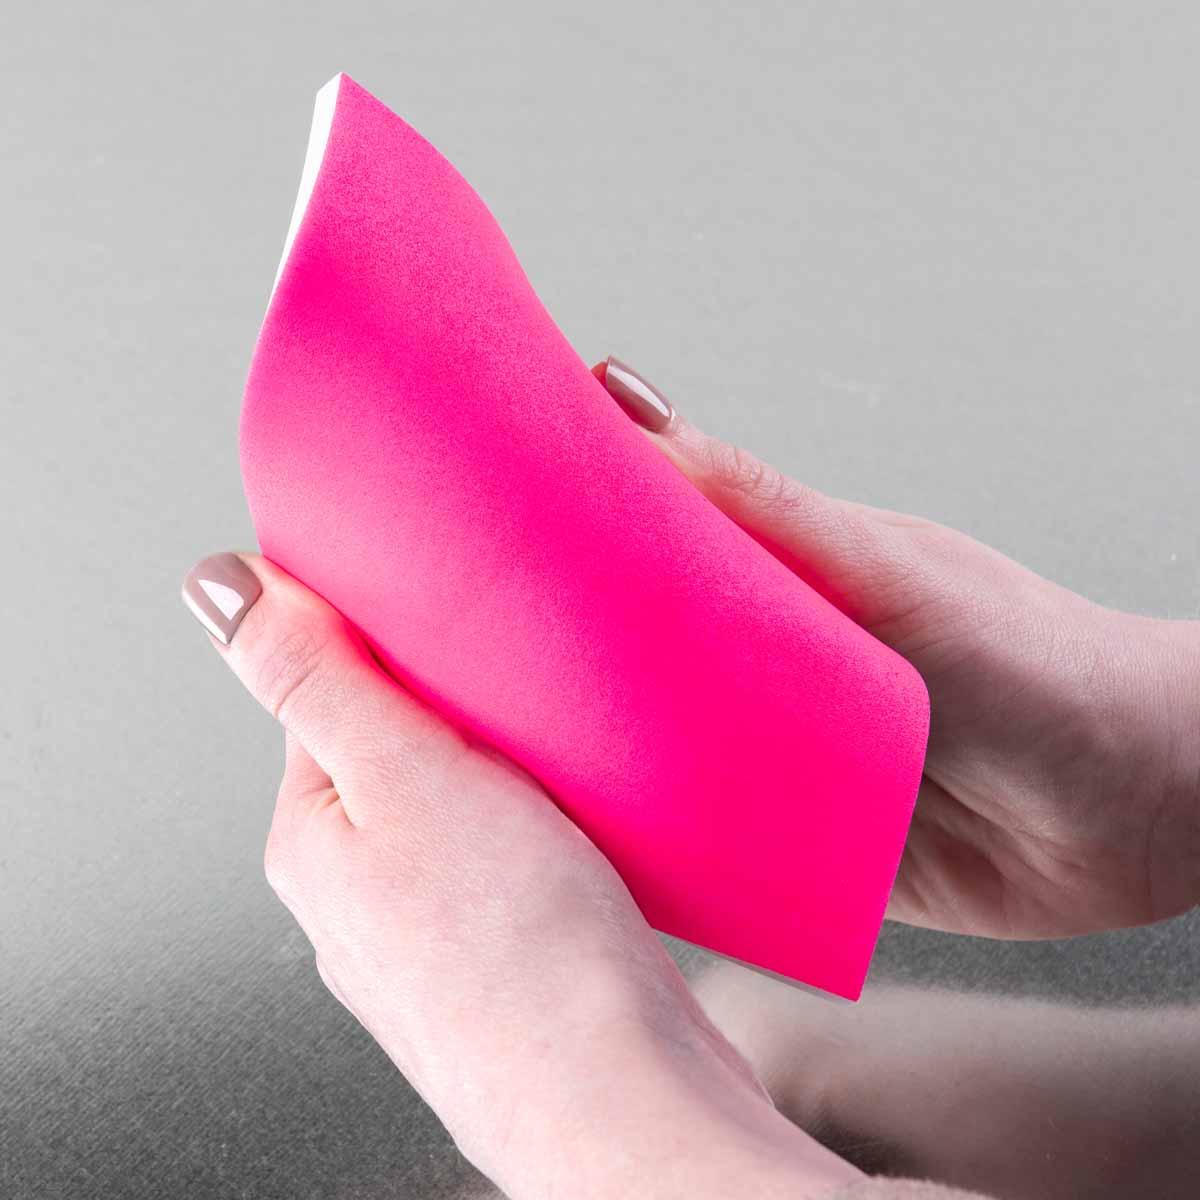 PlaidFX Nuclear Neon Flexible Acrylic Paint Set, 5 pc. - FXNEON5PC